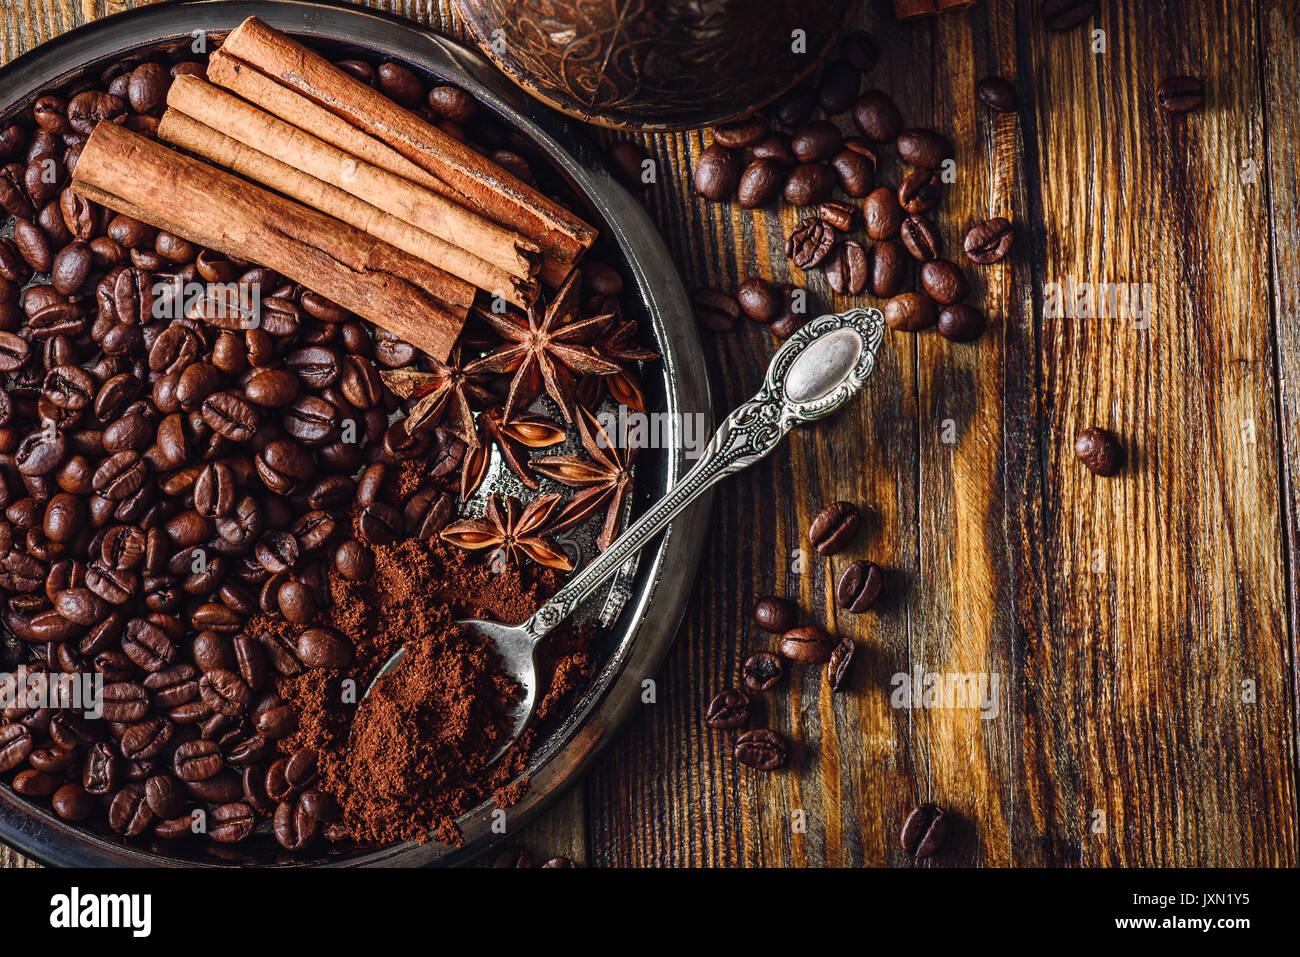 Los granos de café con Spooonful de café molido, canela y anís estrellado chino sobre la placa de metal. Algunos frijoles esparcidos sobre la mesa de madera. Vista desde un Imagen De Stock